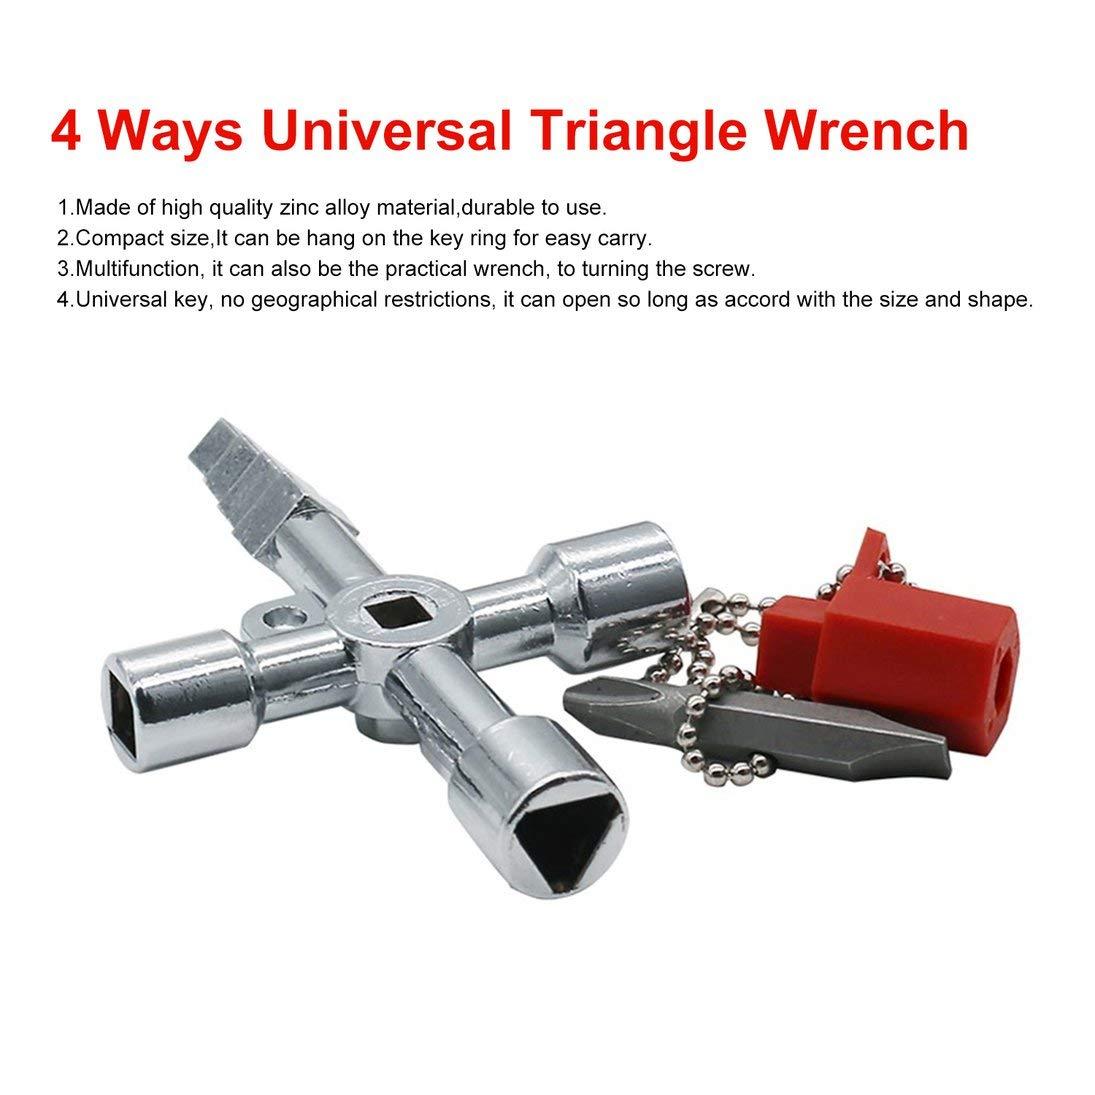 WEIHAN 4 formas Llave triangular universal Llave multifunci/ón Llave triangular Llave triangular para gabinetes de medidores el/éctricos de gas Radiadores de purga Plata